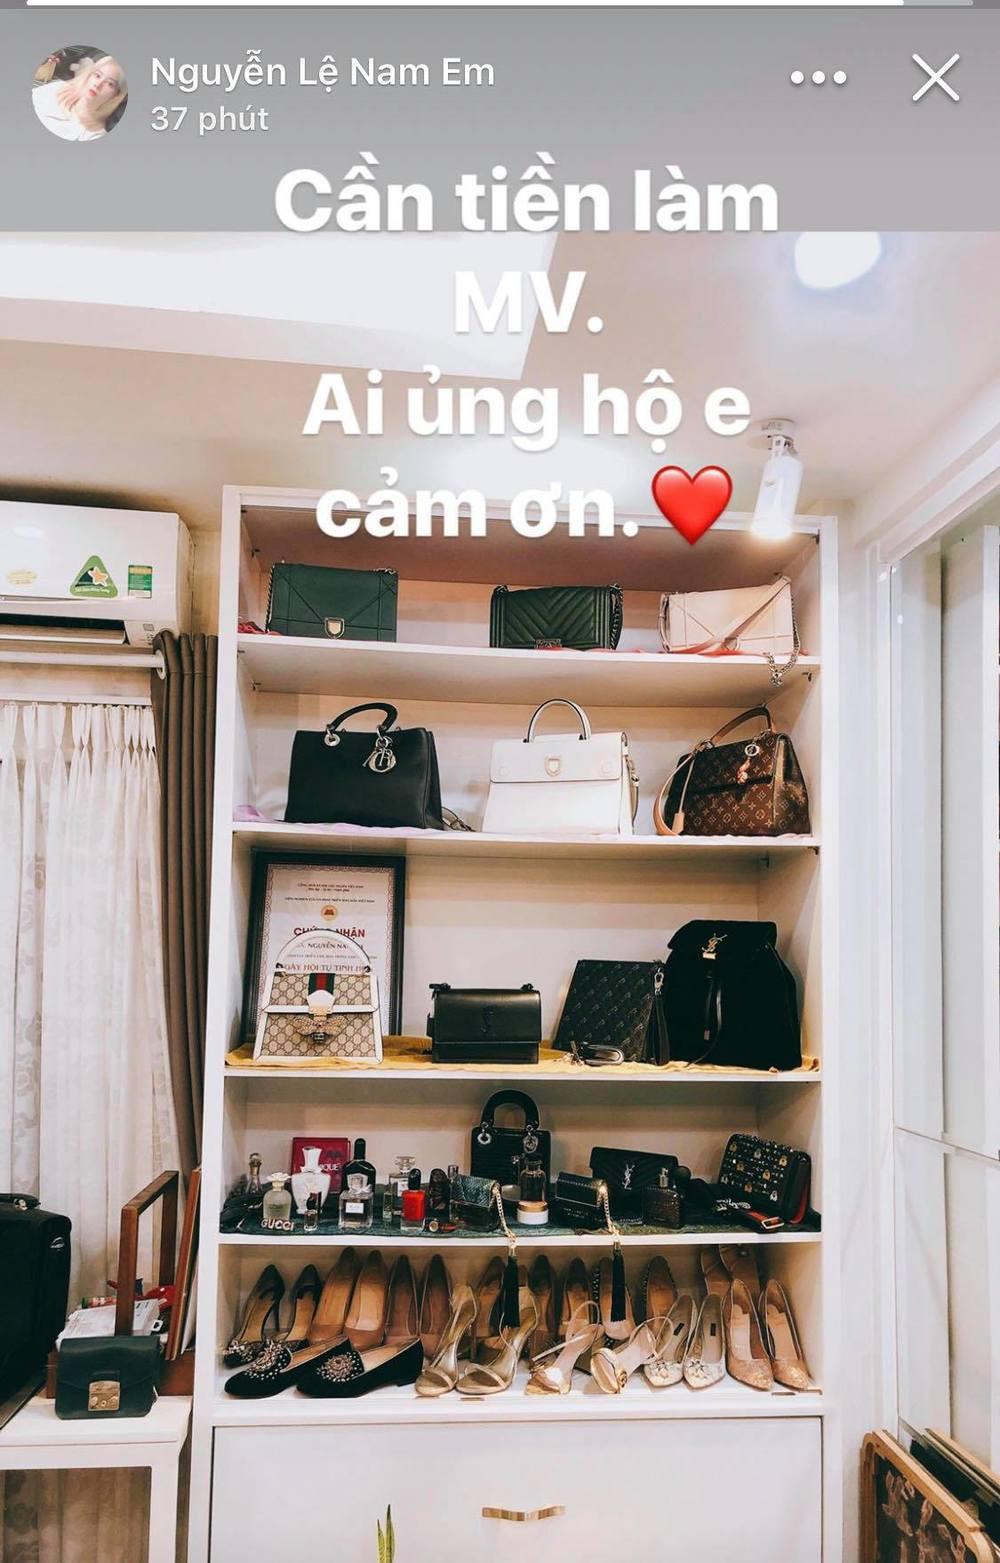 Nam Em có vẻ khó khănquá rồi: Rao bán cả kệ đồ hiệu toàn Chanel, Dior, Gucci... để có tiền làm MV - Hình 2